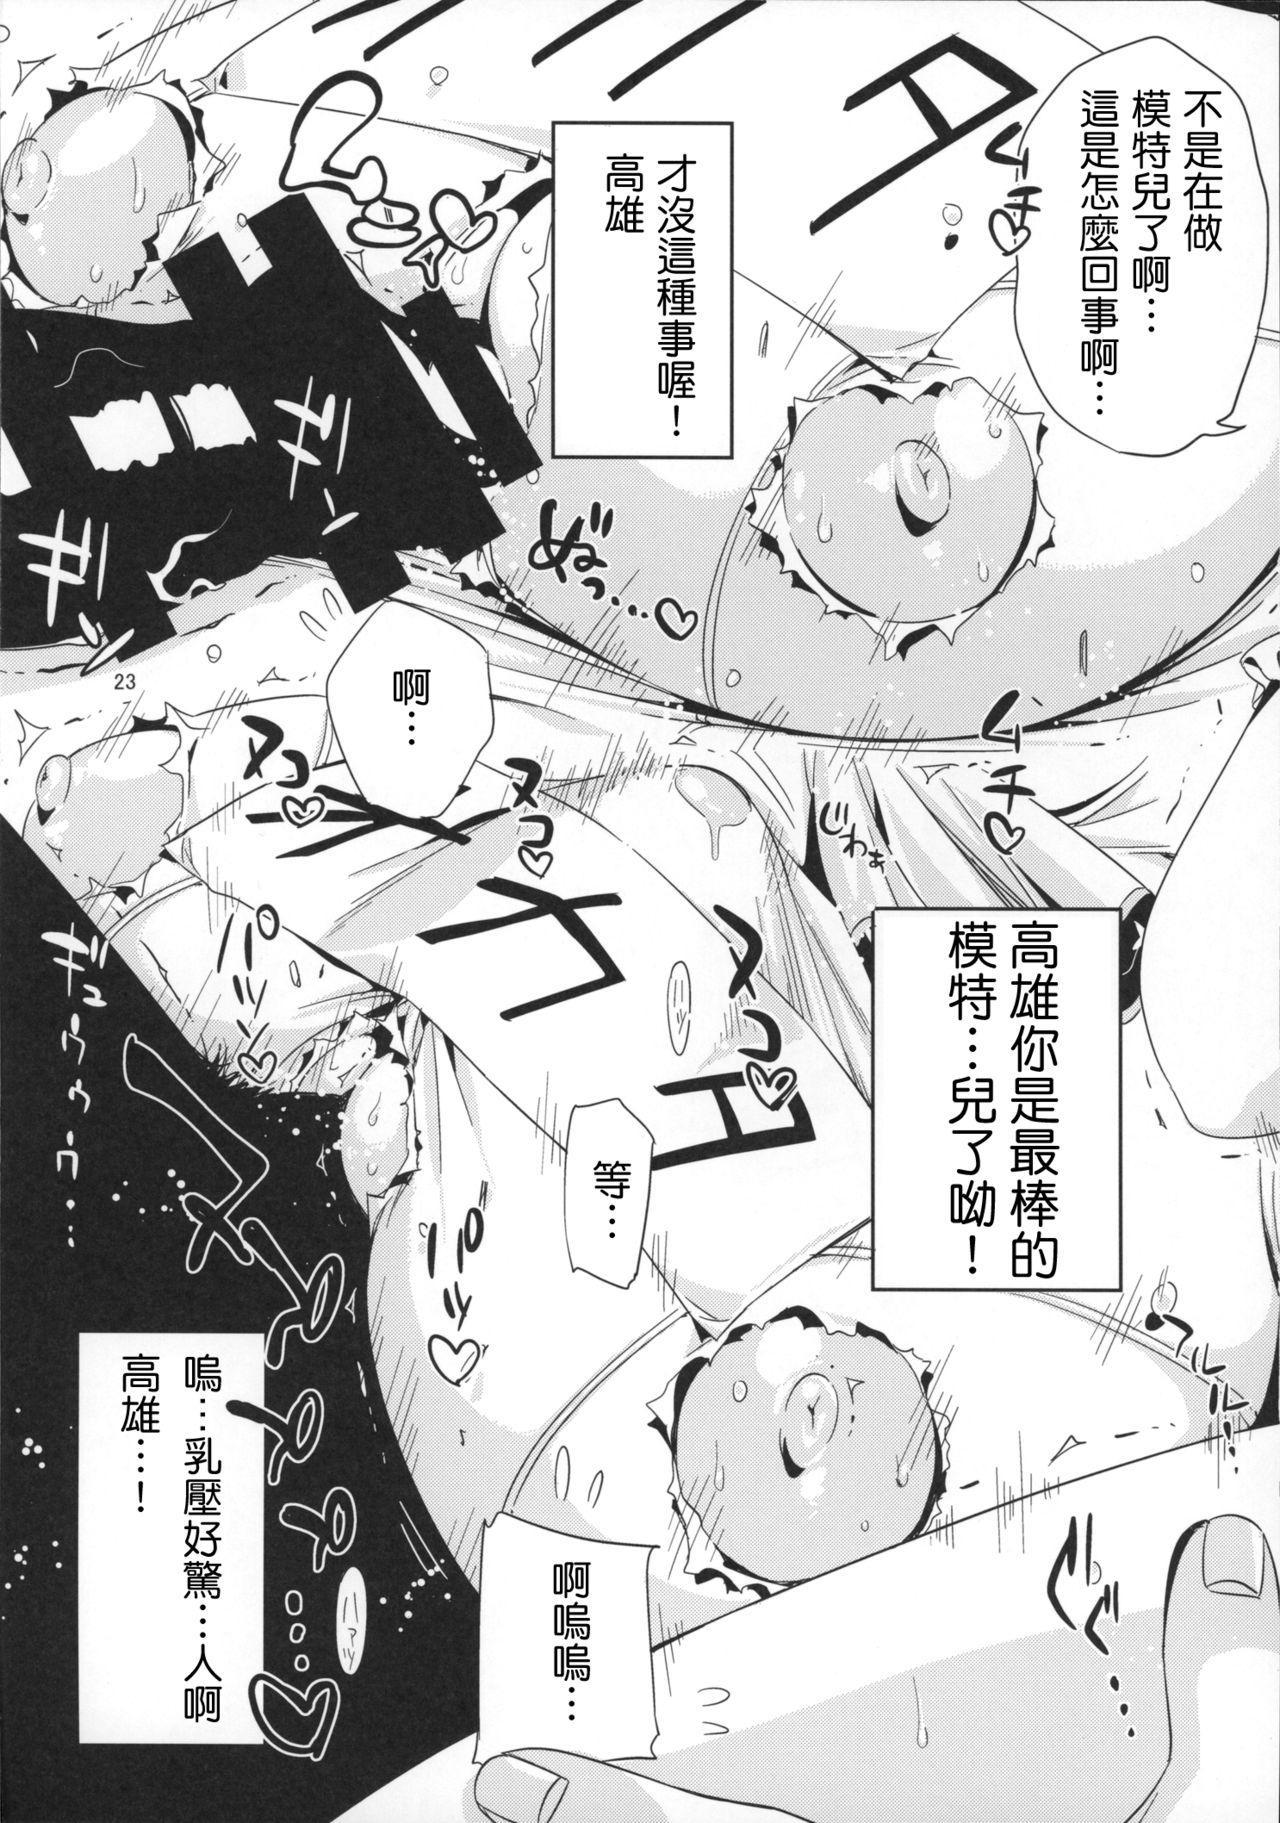 Sanzen Sekai no Karasu o Koroshi Takao ni Model o Tanomitai... 25